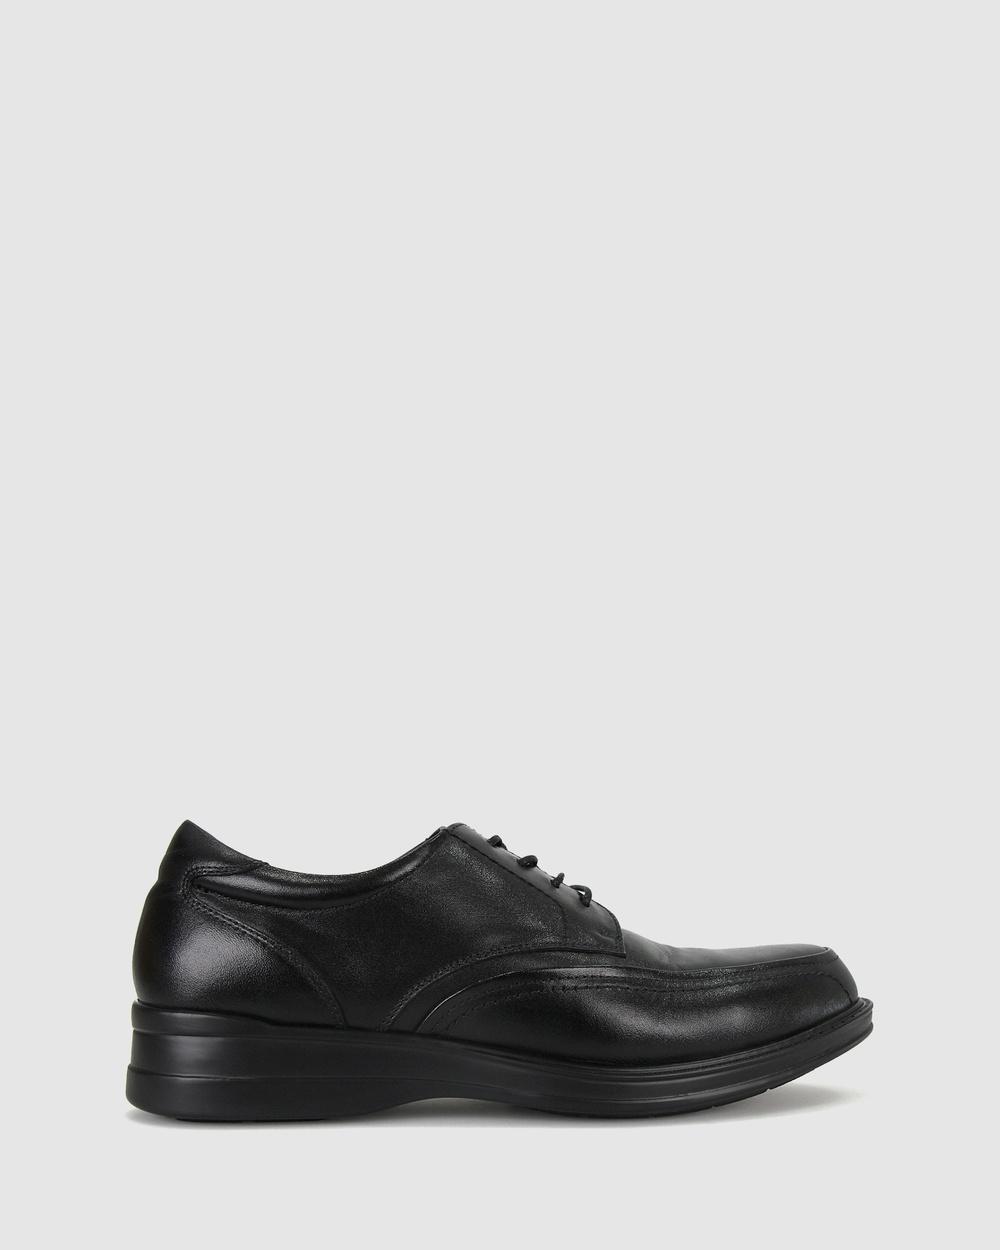 Airflex William Leather Dress Shoes Black